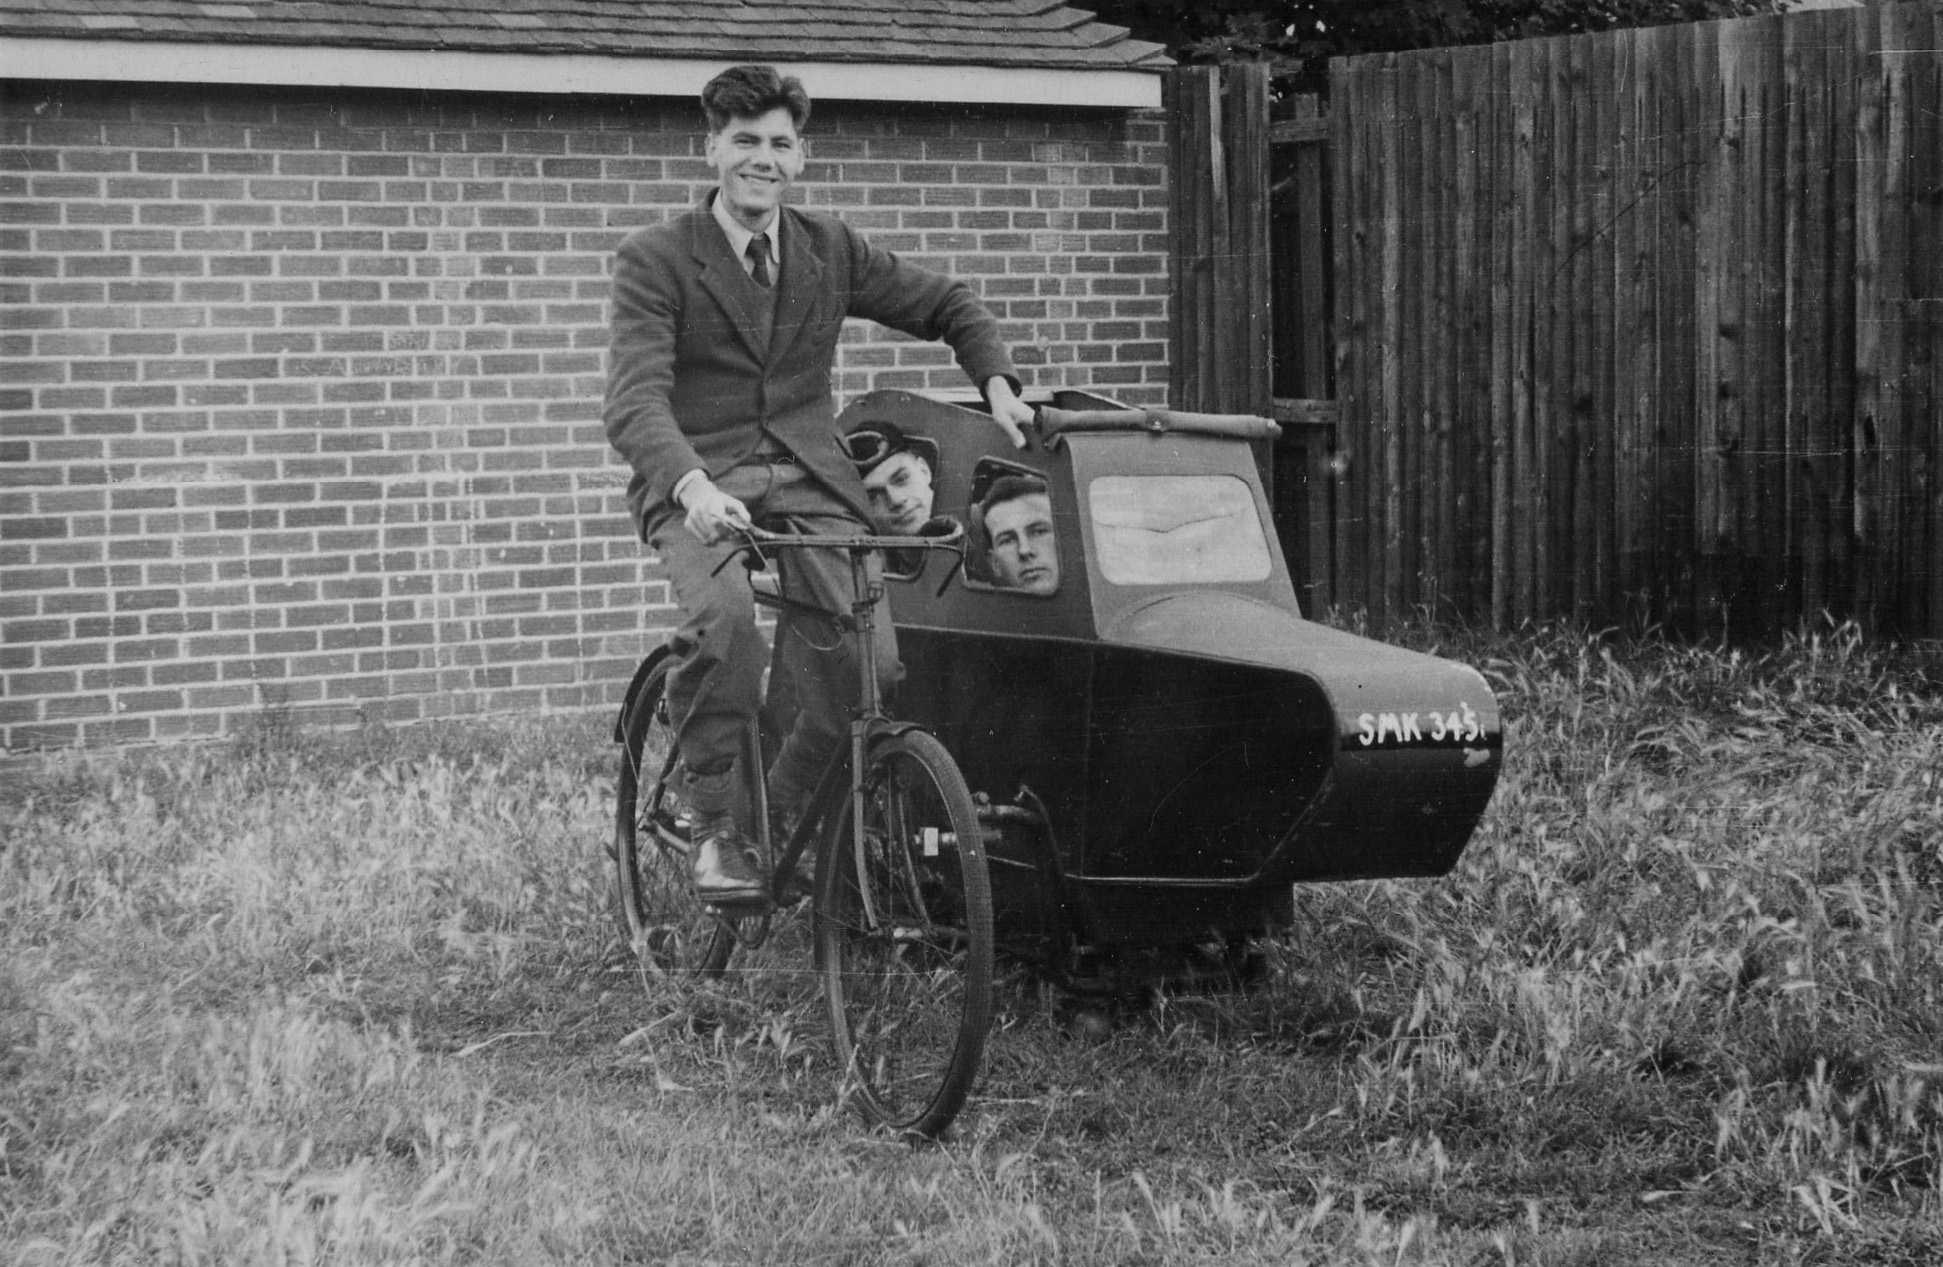 Sidecar 2